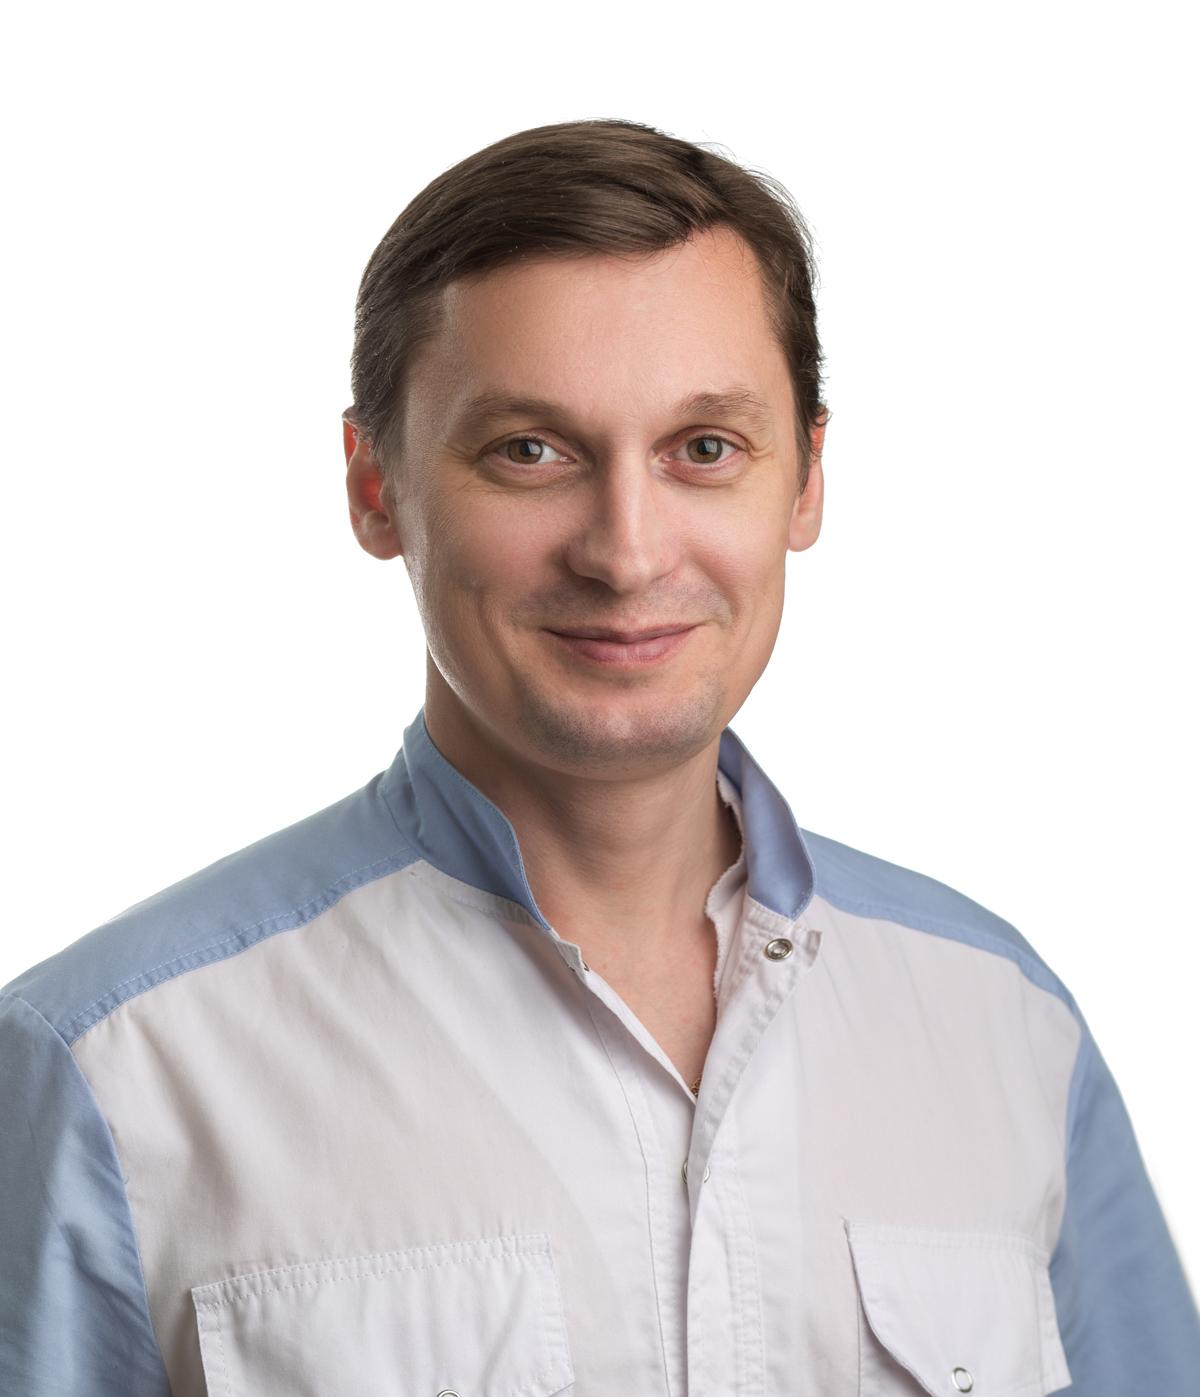 Markin Mihail